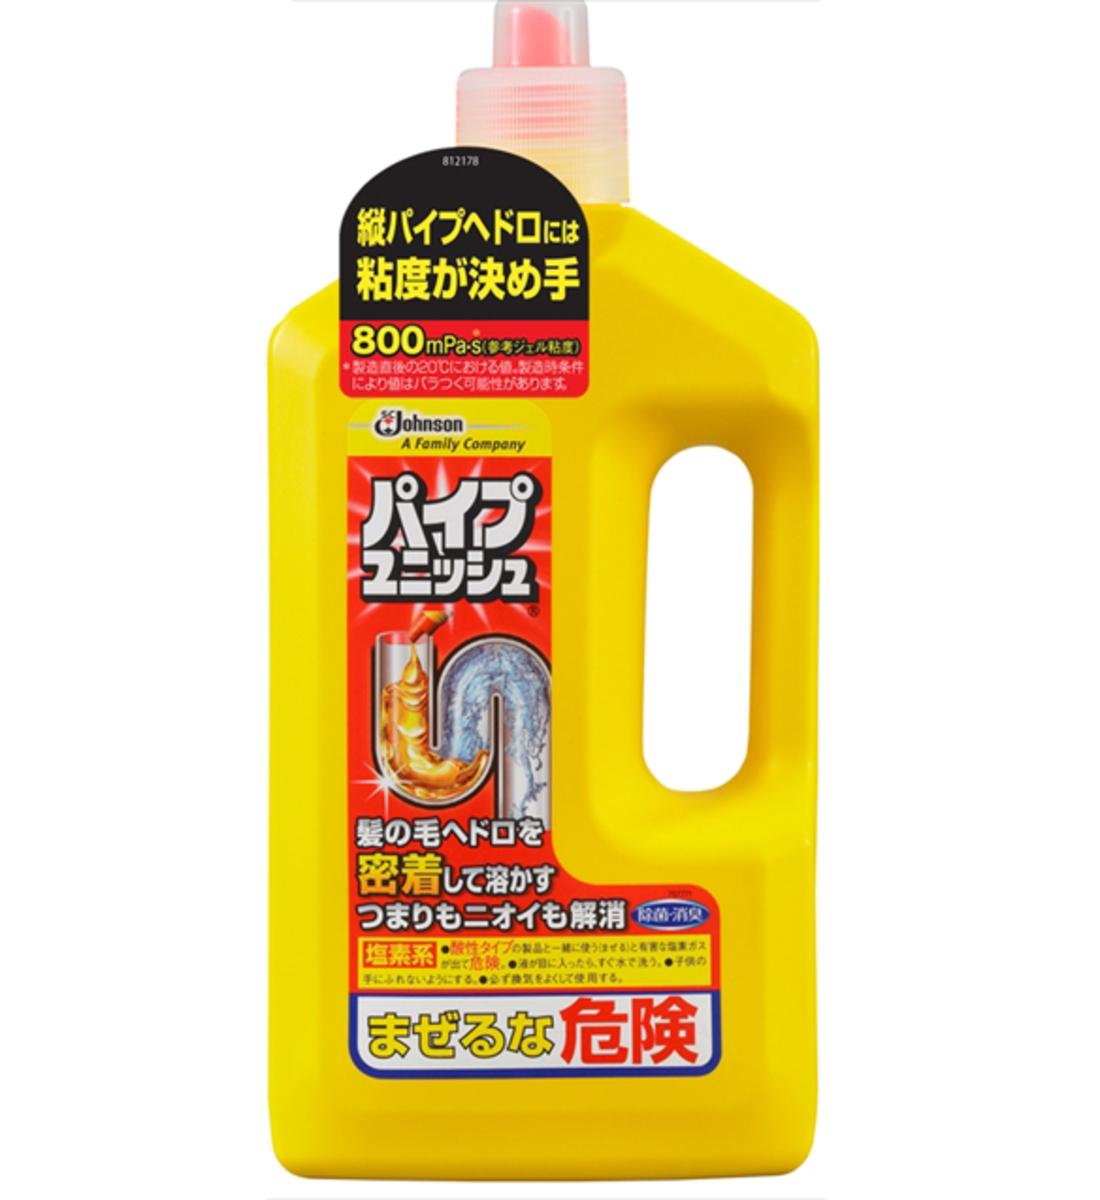 莊臣強力水管疏通清潔劑 800g (4901609002449)